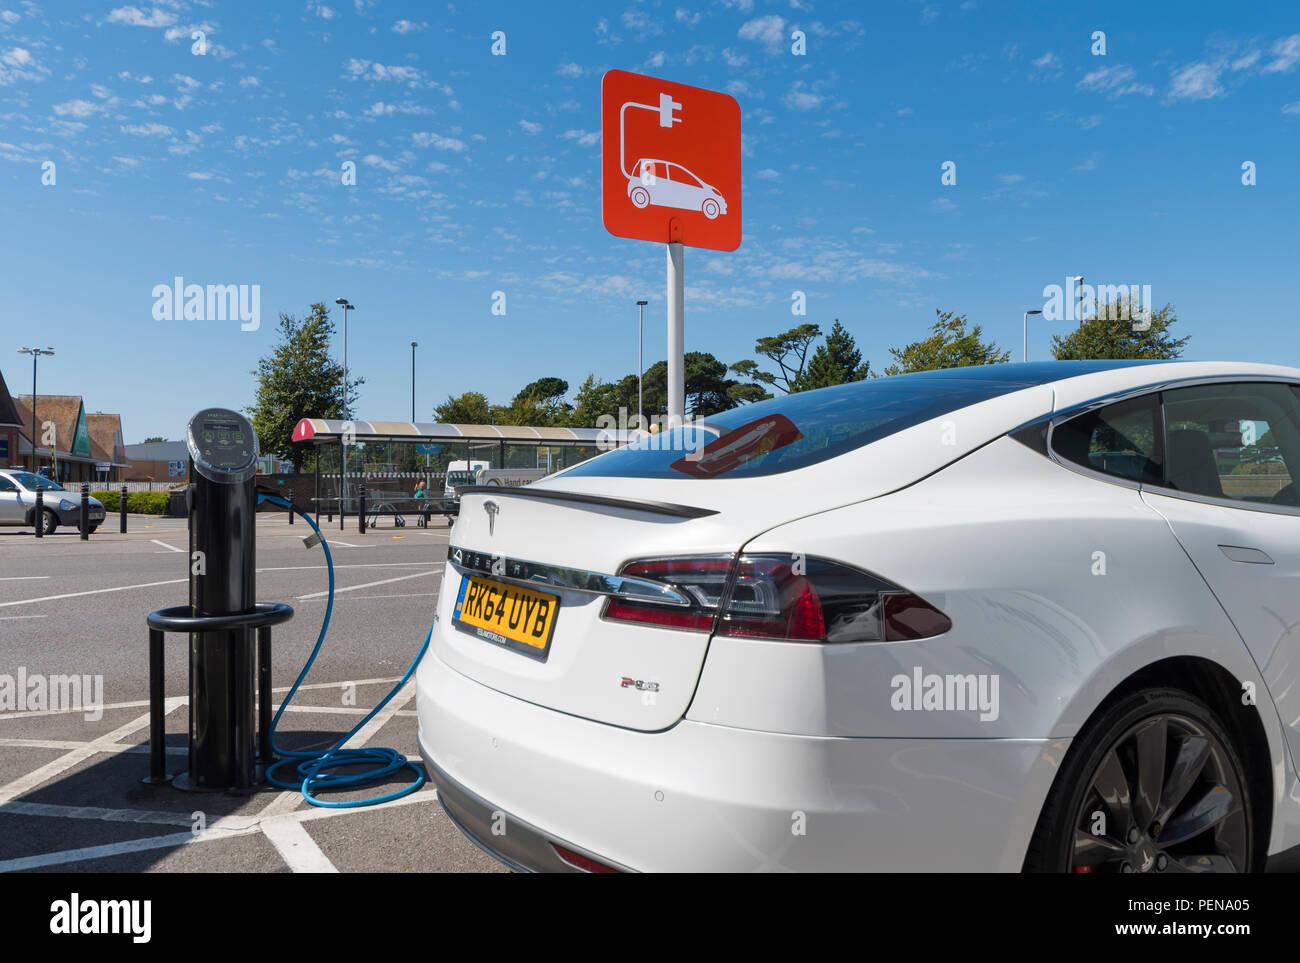 Auto elettrica inserita in un punto di carica. Il veicolo elettrico collegato ad un condotto di carica nel West Sussex, in Inghilterra, Regno Unito. Immagini Stock